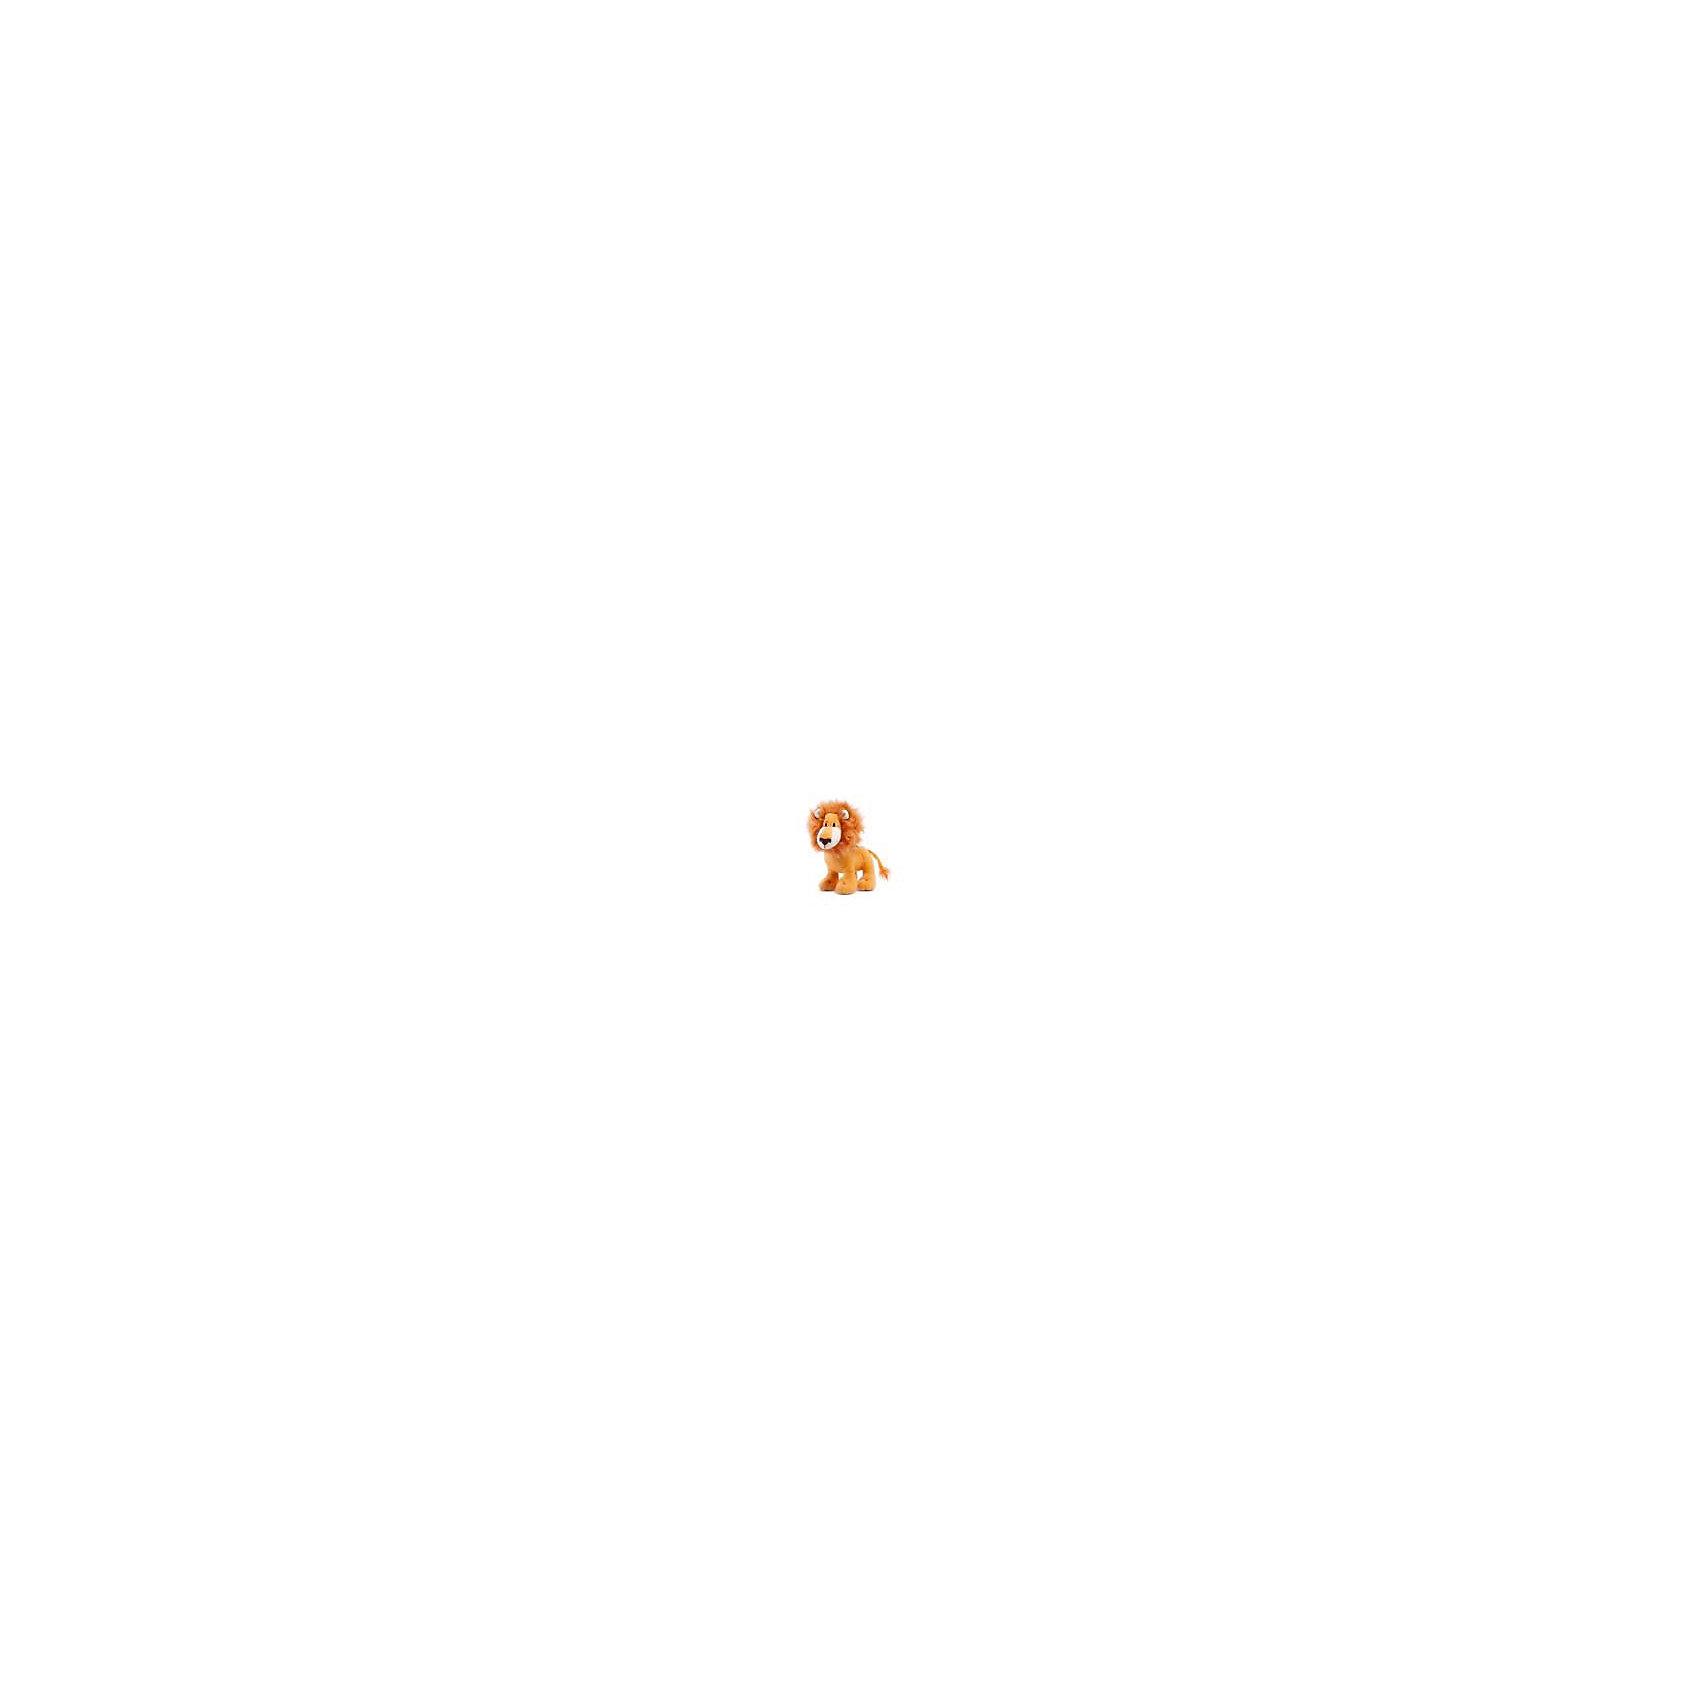 LAVA Лев Рони, музыкальный, LAVA lava бобер музыкальный 19 см